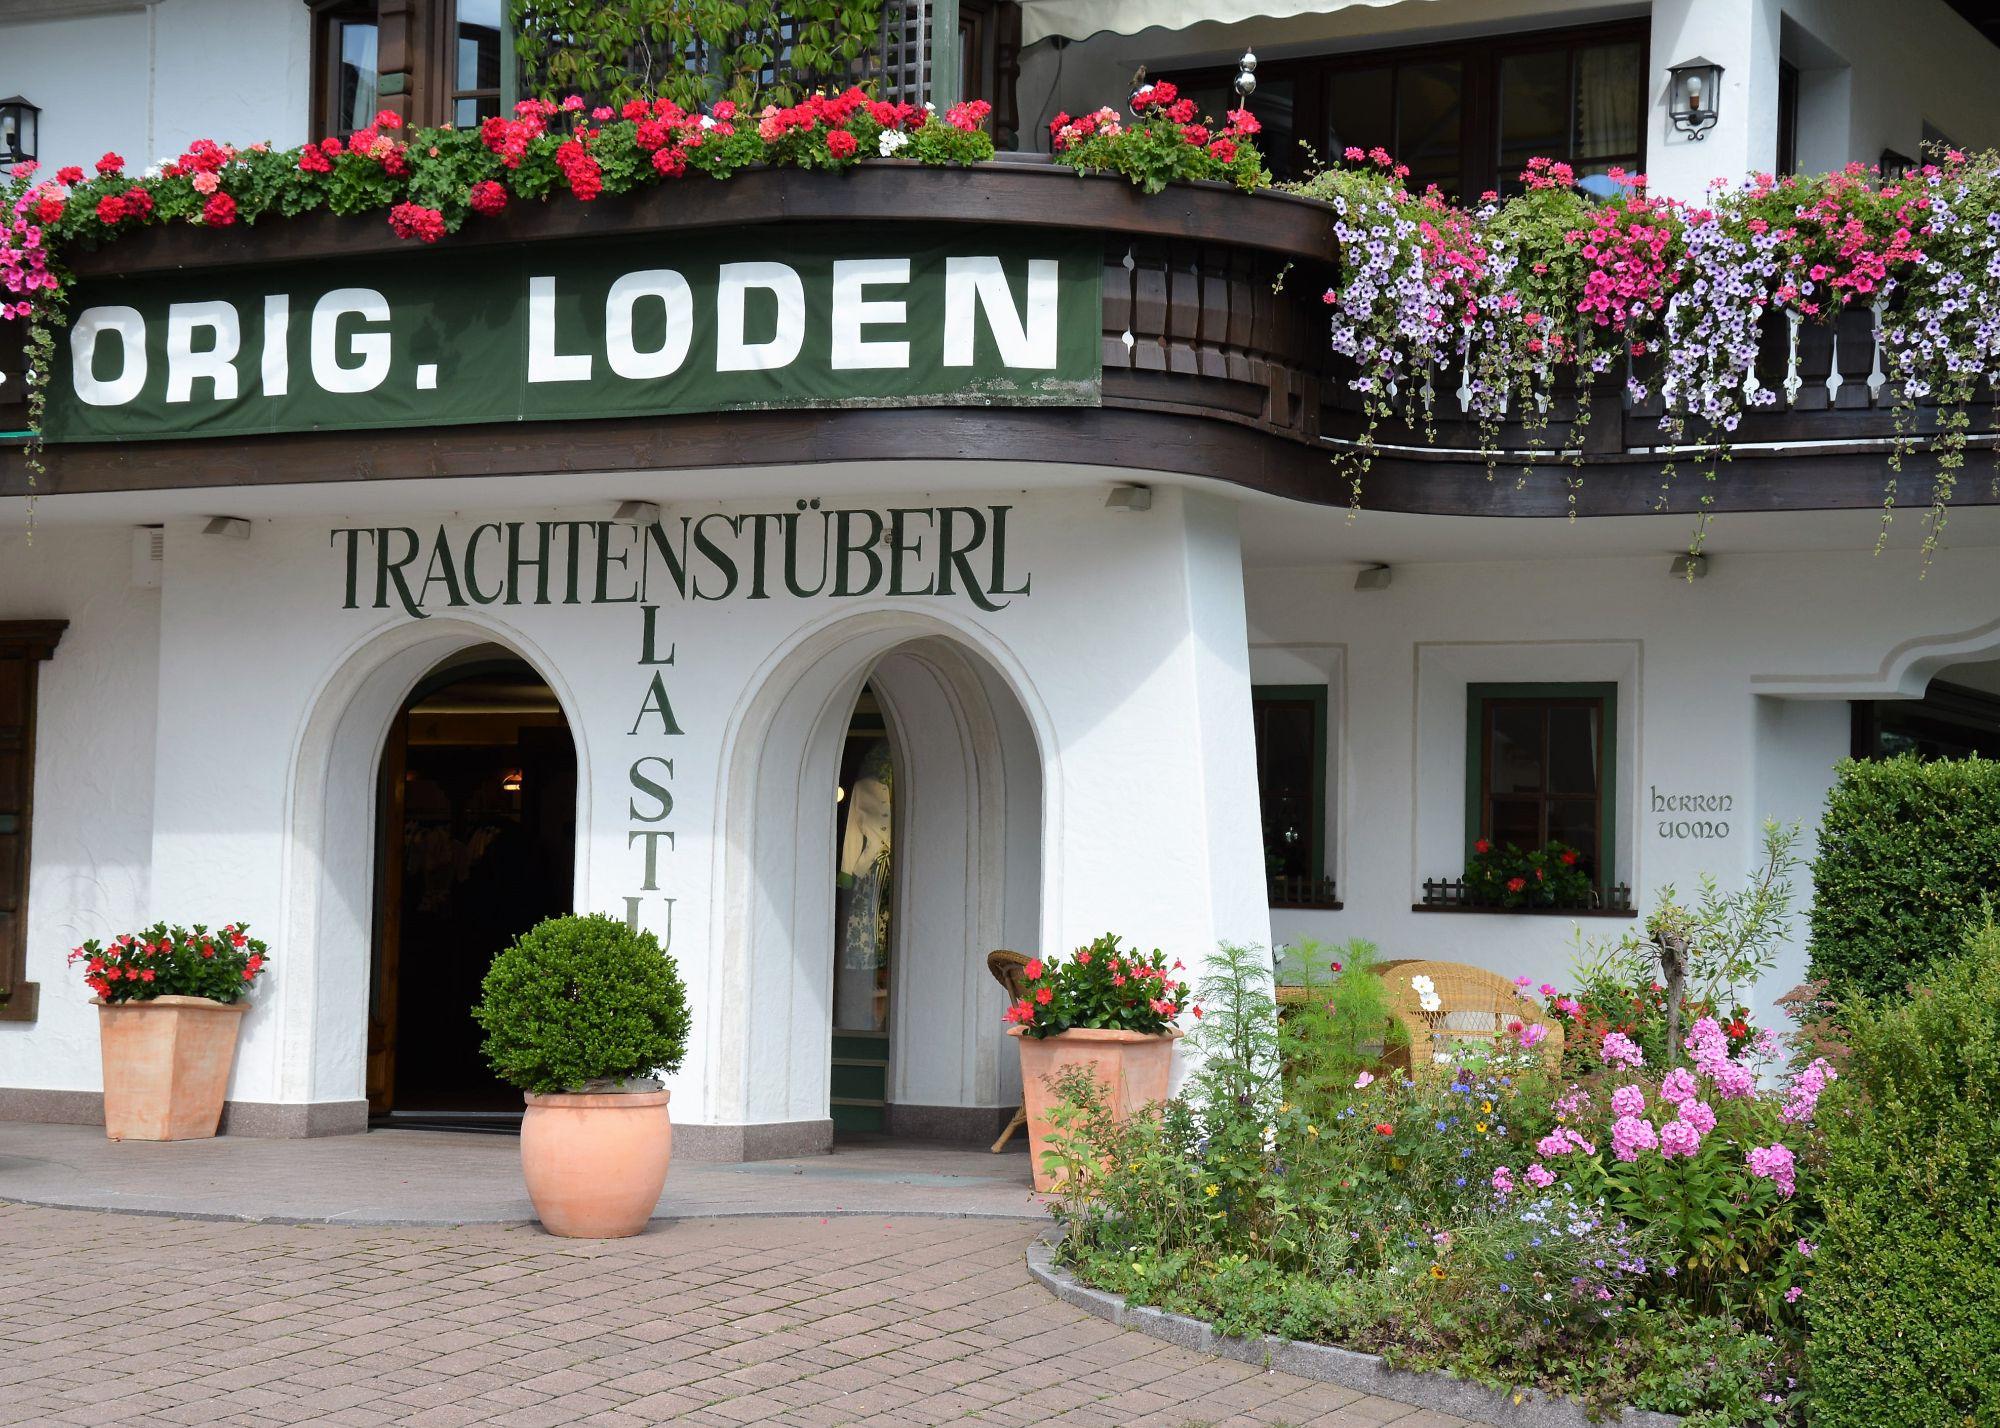 trachtenstuberl-1587655451.jpg